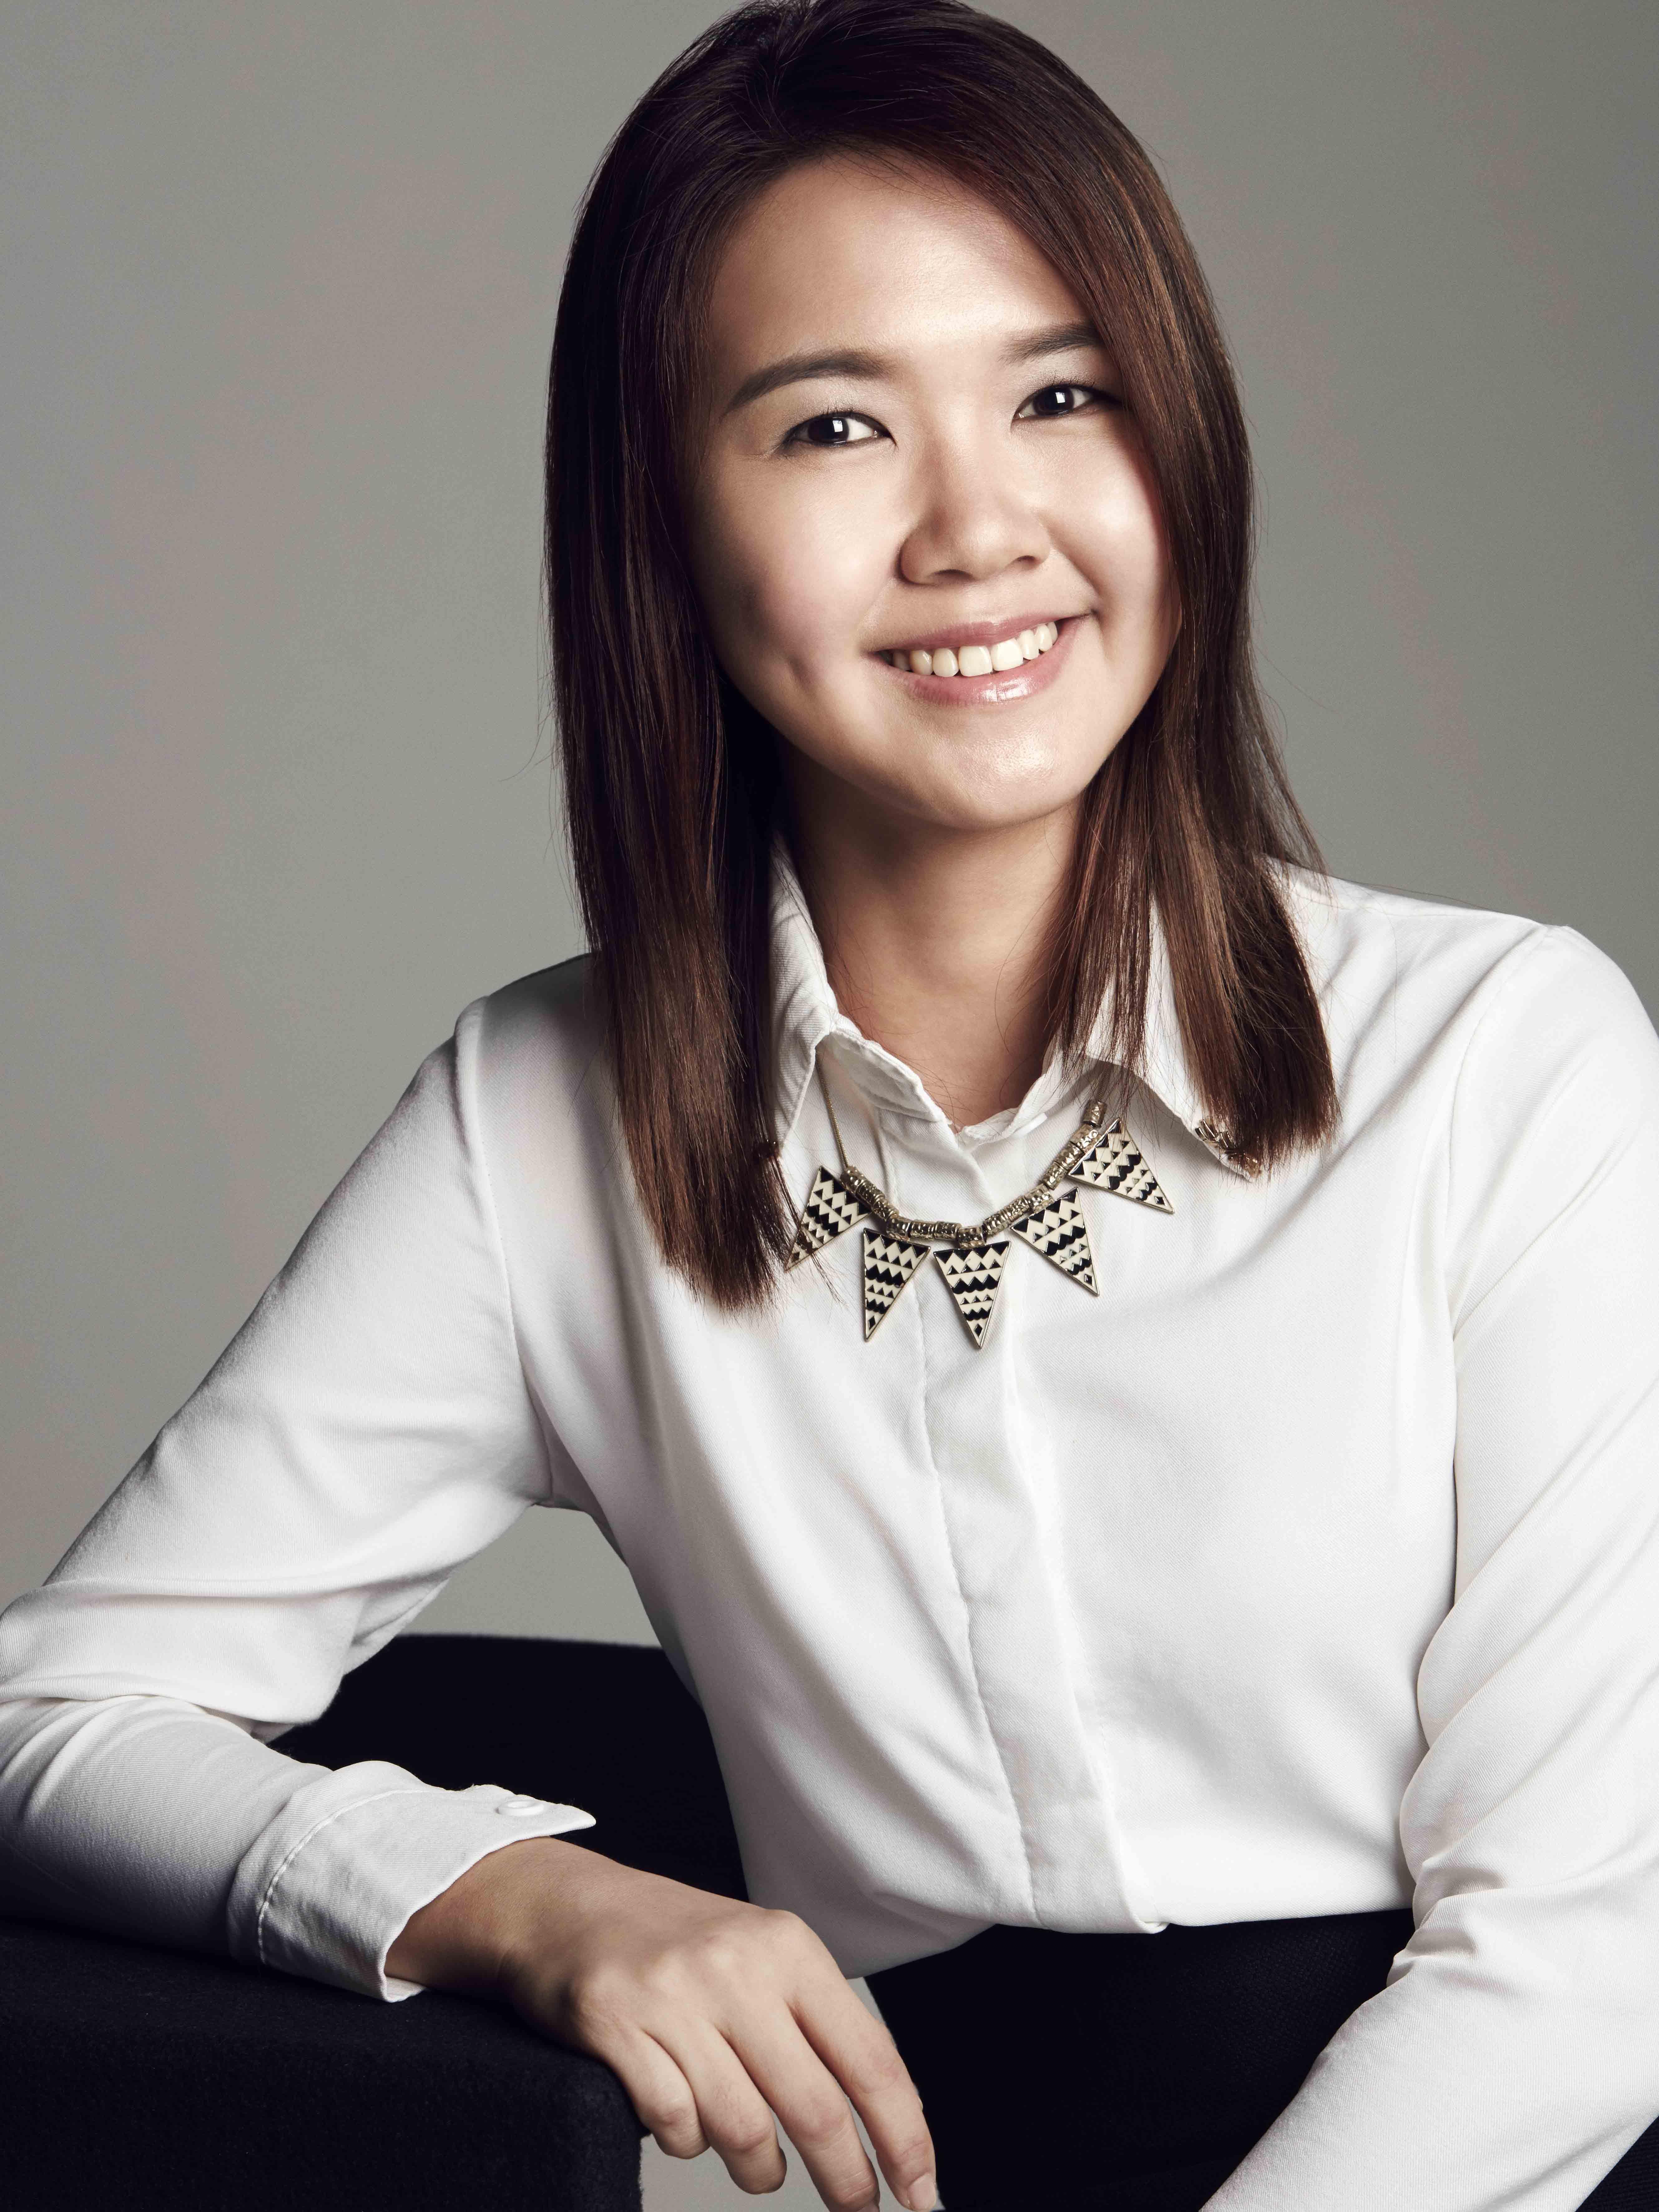 yap-kai-xuan-line-producer